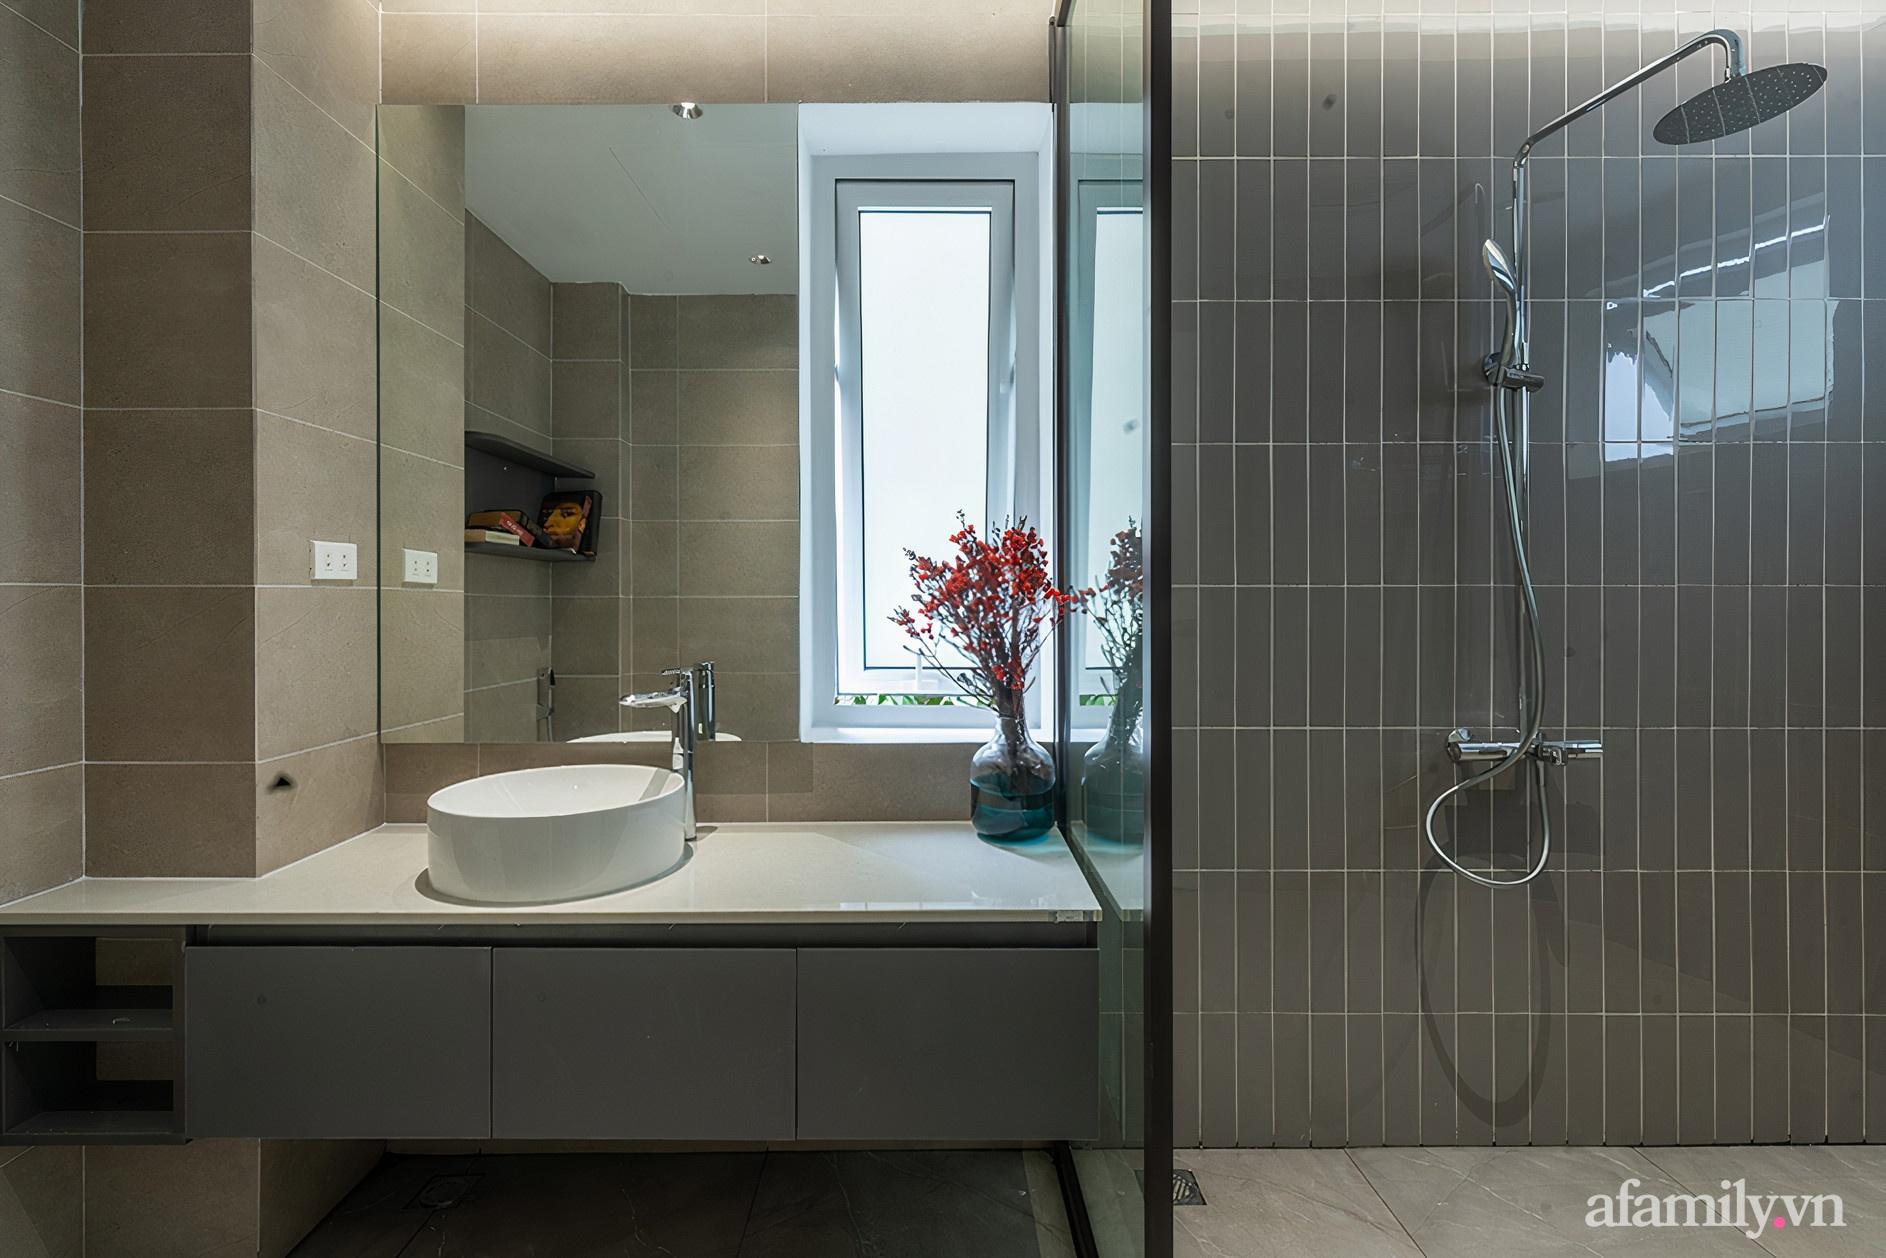 Cải tạo căn nhà 200m² xuống cấp, bí bách thành không gian sang trọng, tiện nghi ở Hà Nội - Ảnh 22.